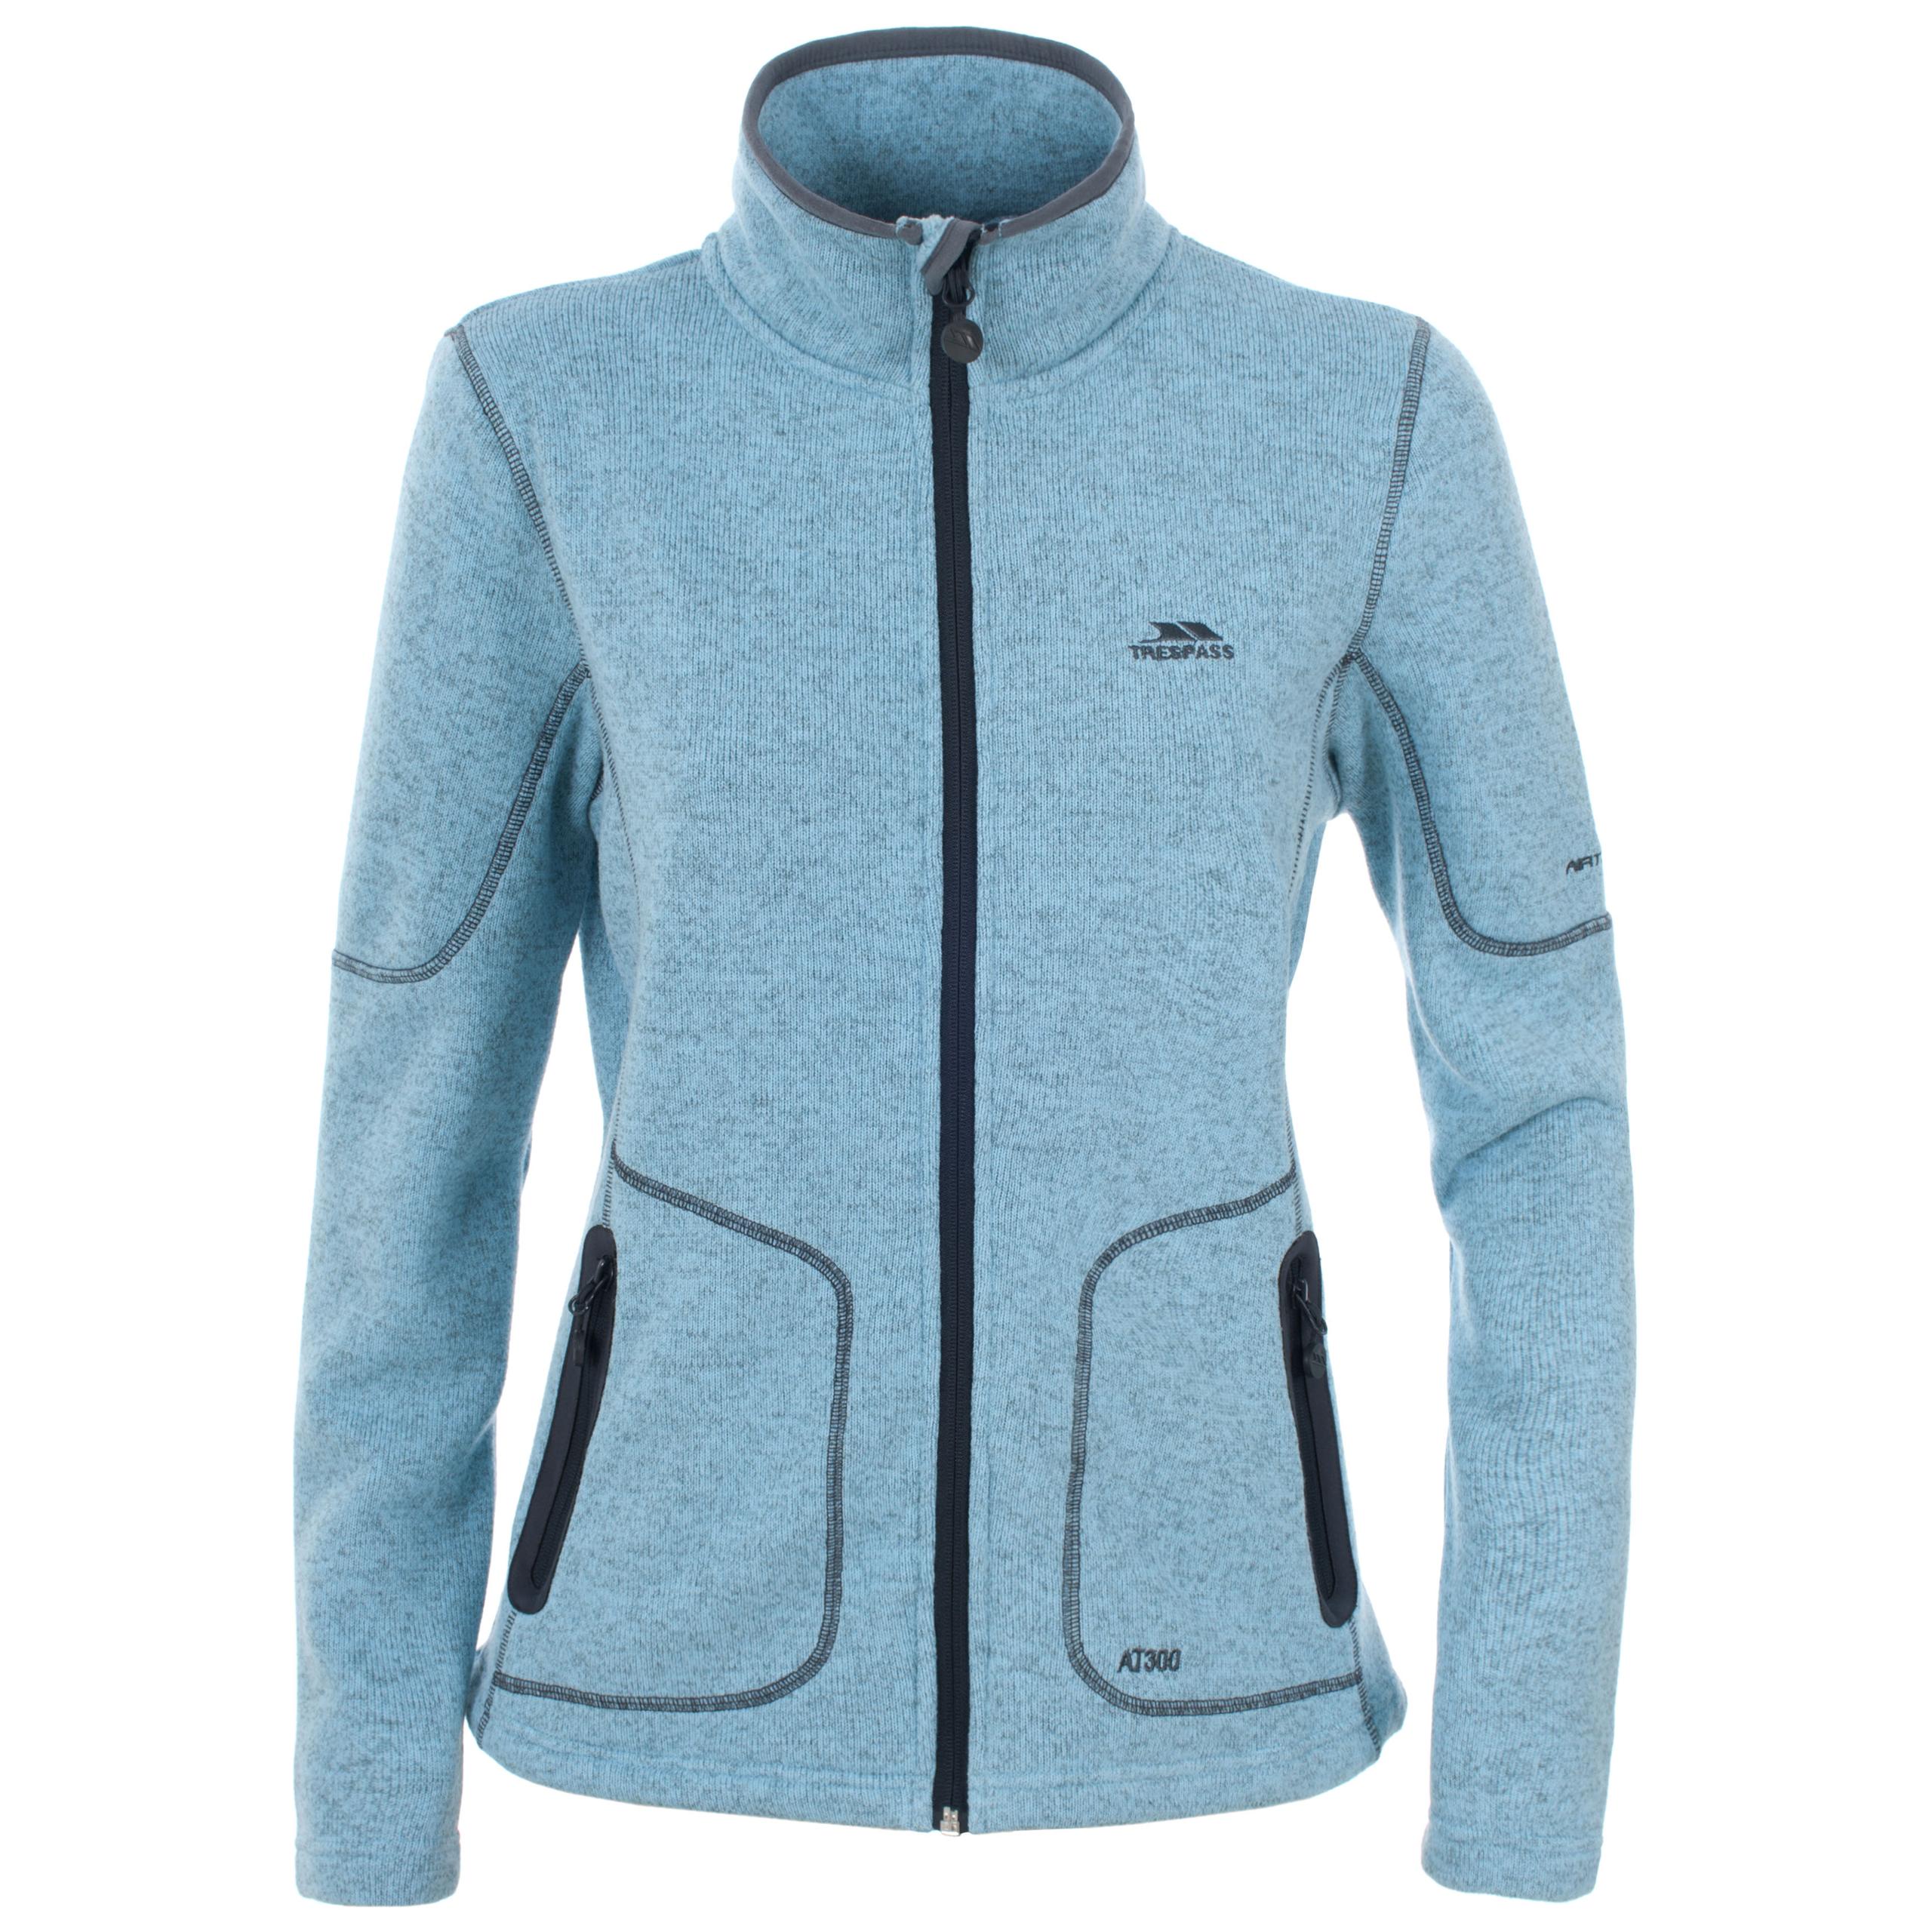 Trespass Cardigan Womens Full Zip Fleece Jacket Lightweight Warm ...